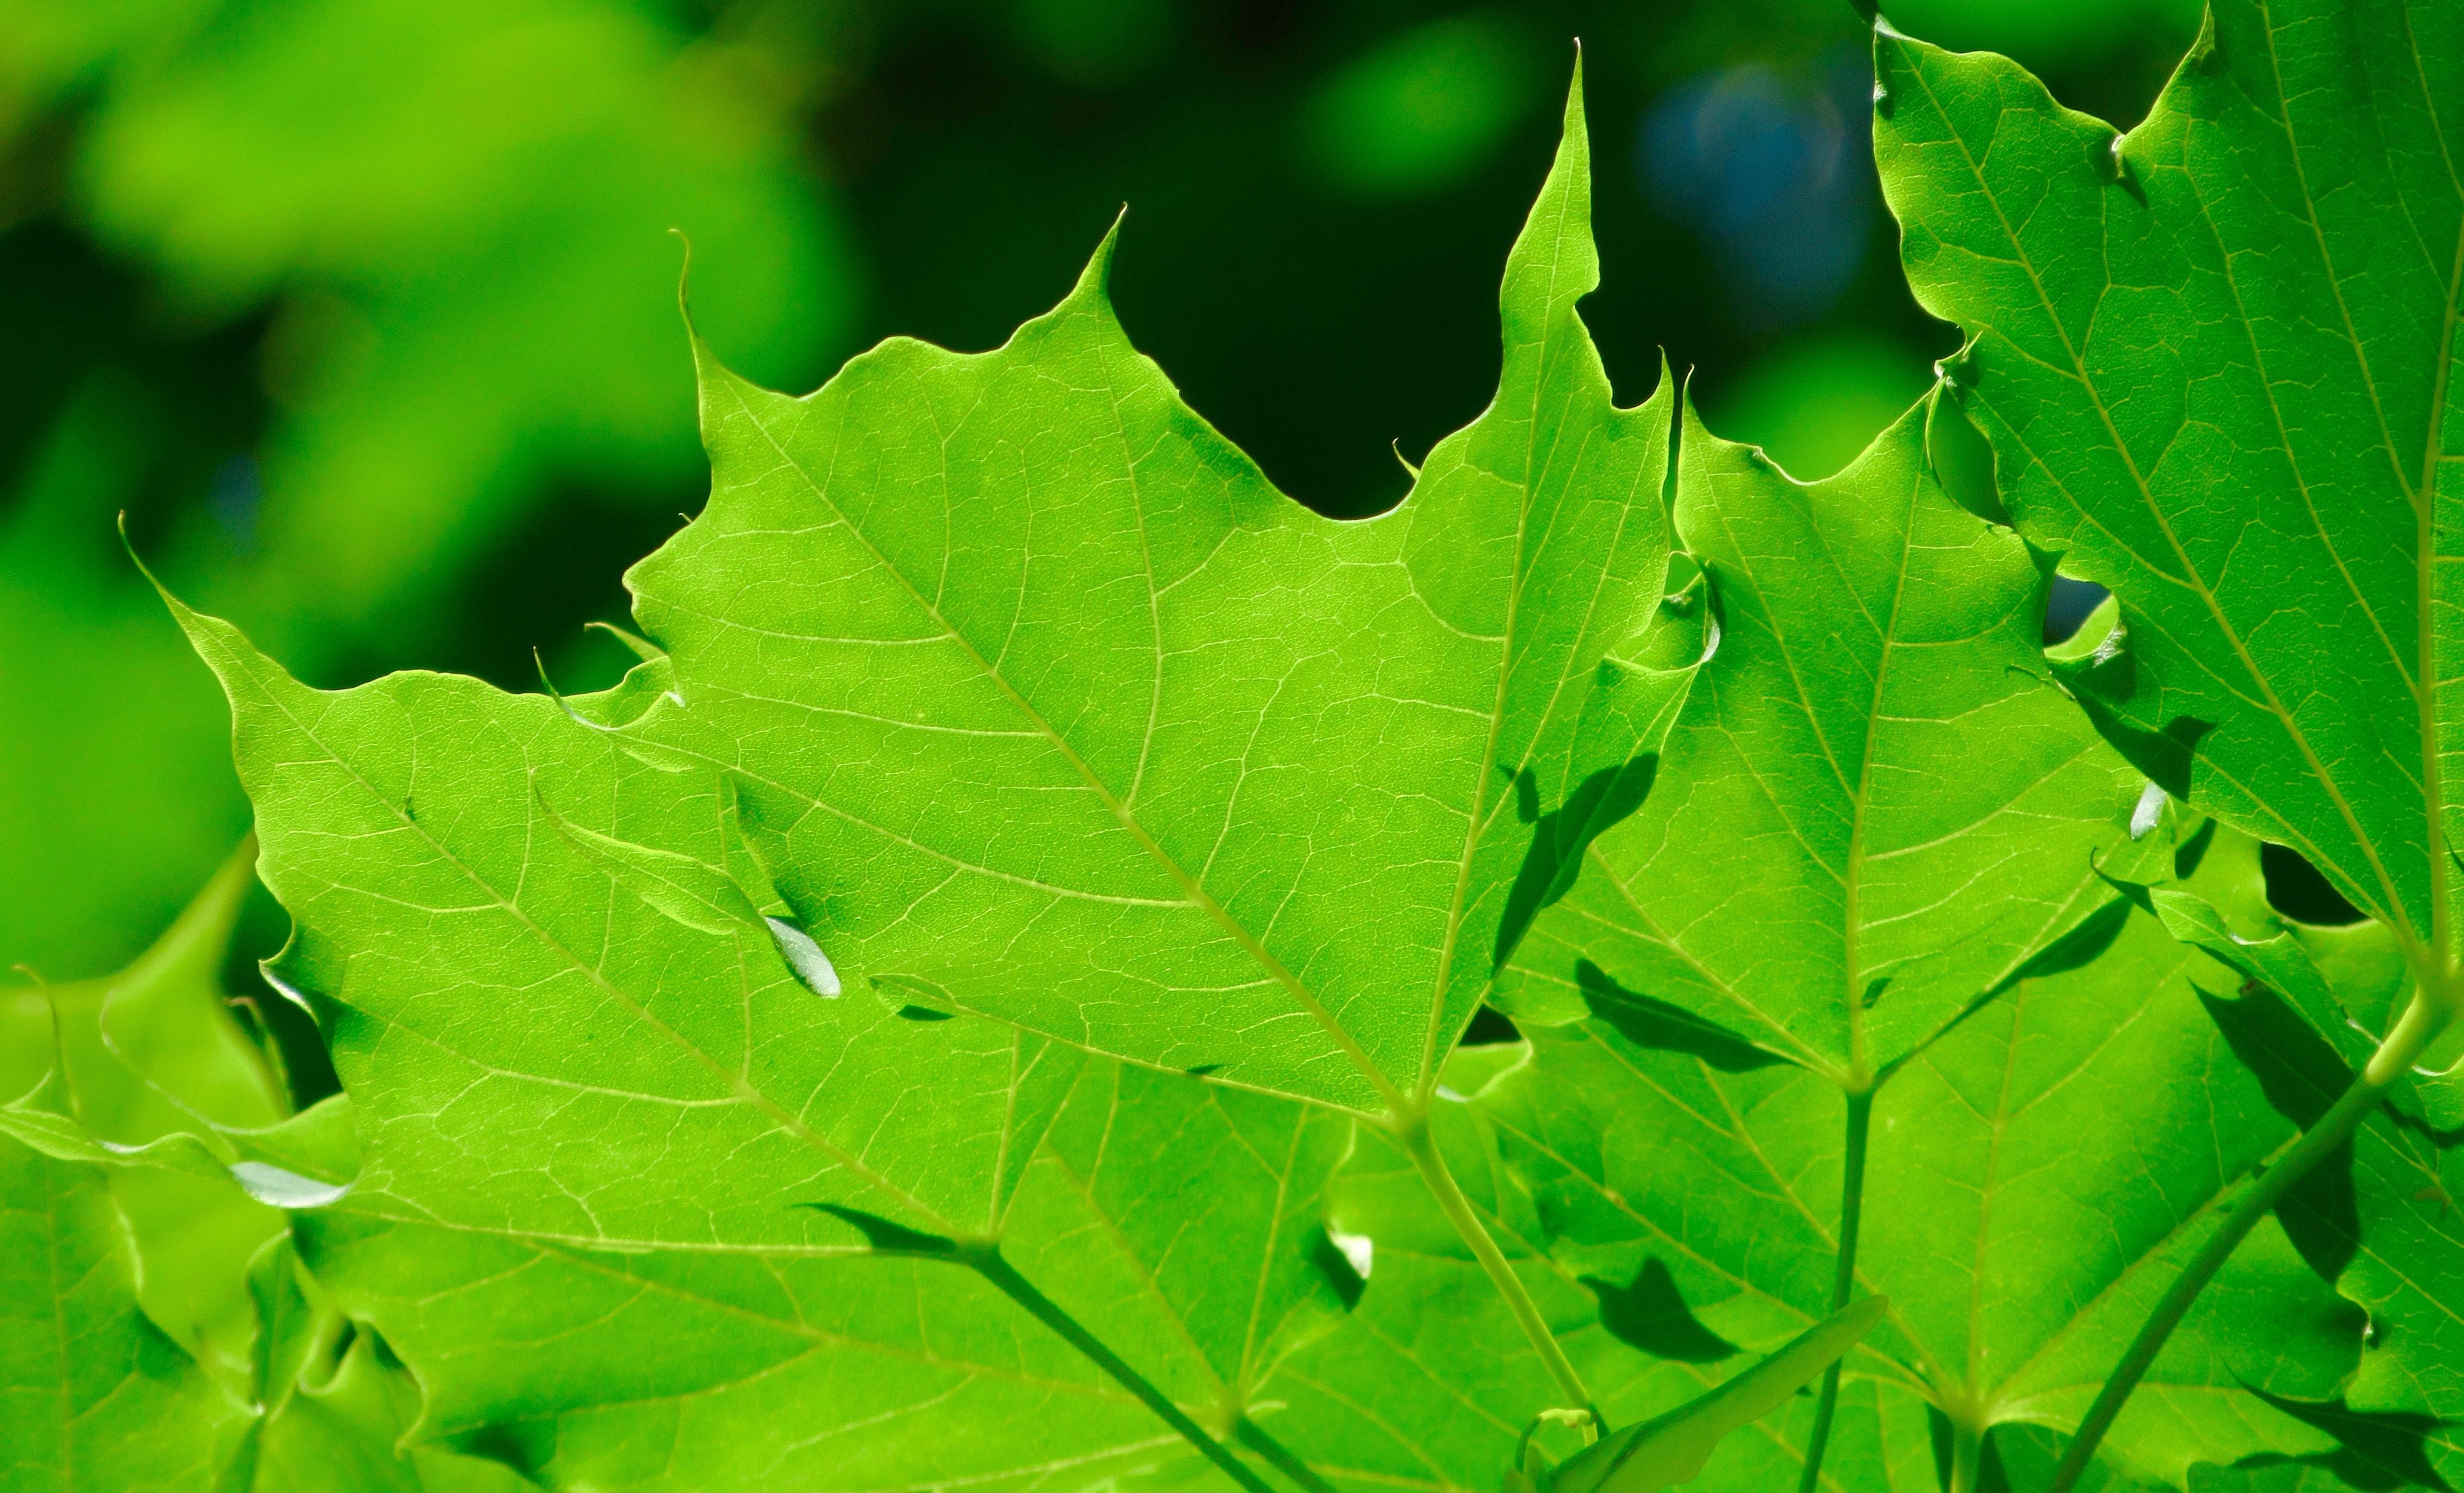 тормозные диски, картинка фото дерева и листьев бактерий виде